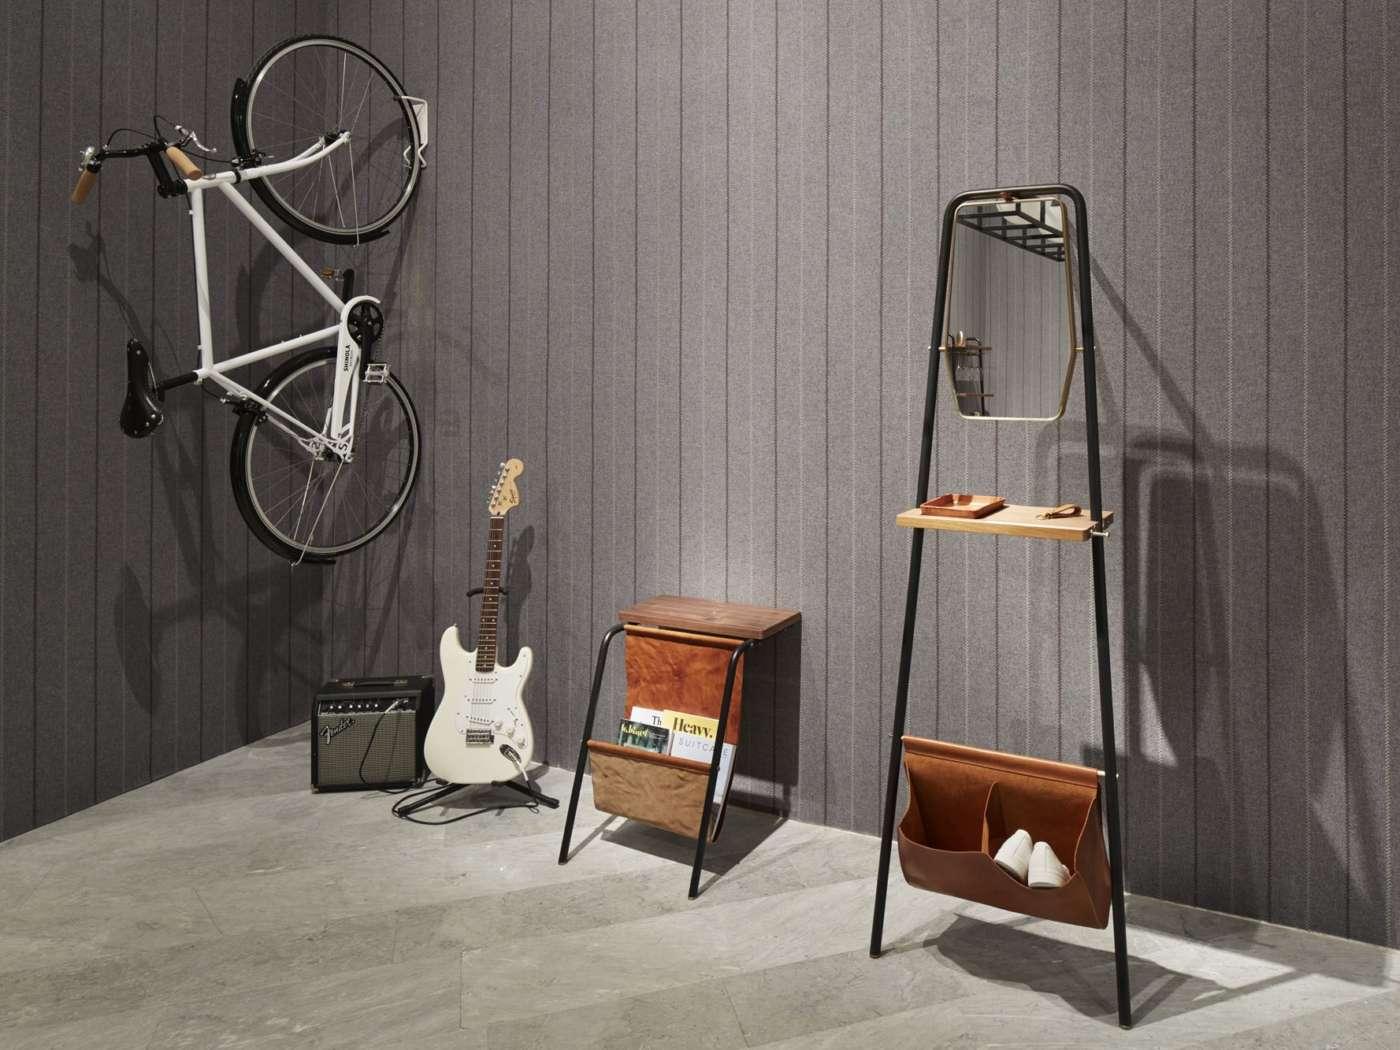 储物|储物柜|创意家具|现代家居|时尚家具|设计师家具|定制家具|实木家具|Valet 梳妆架